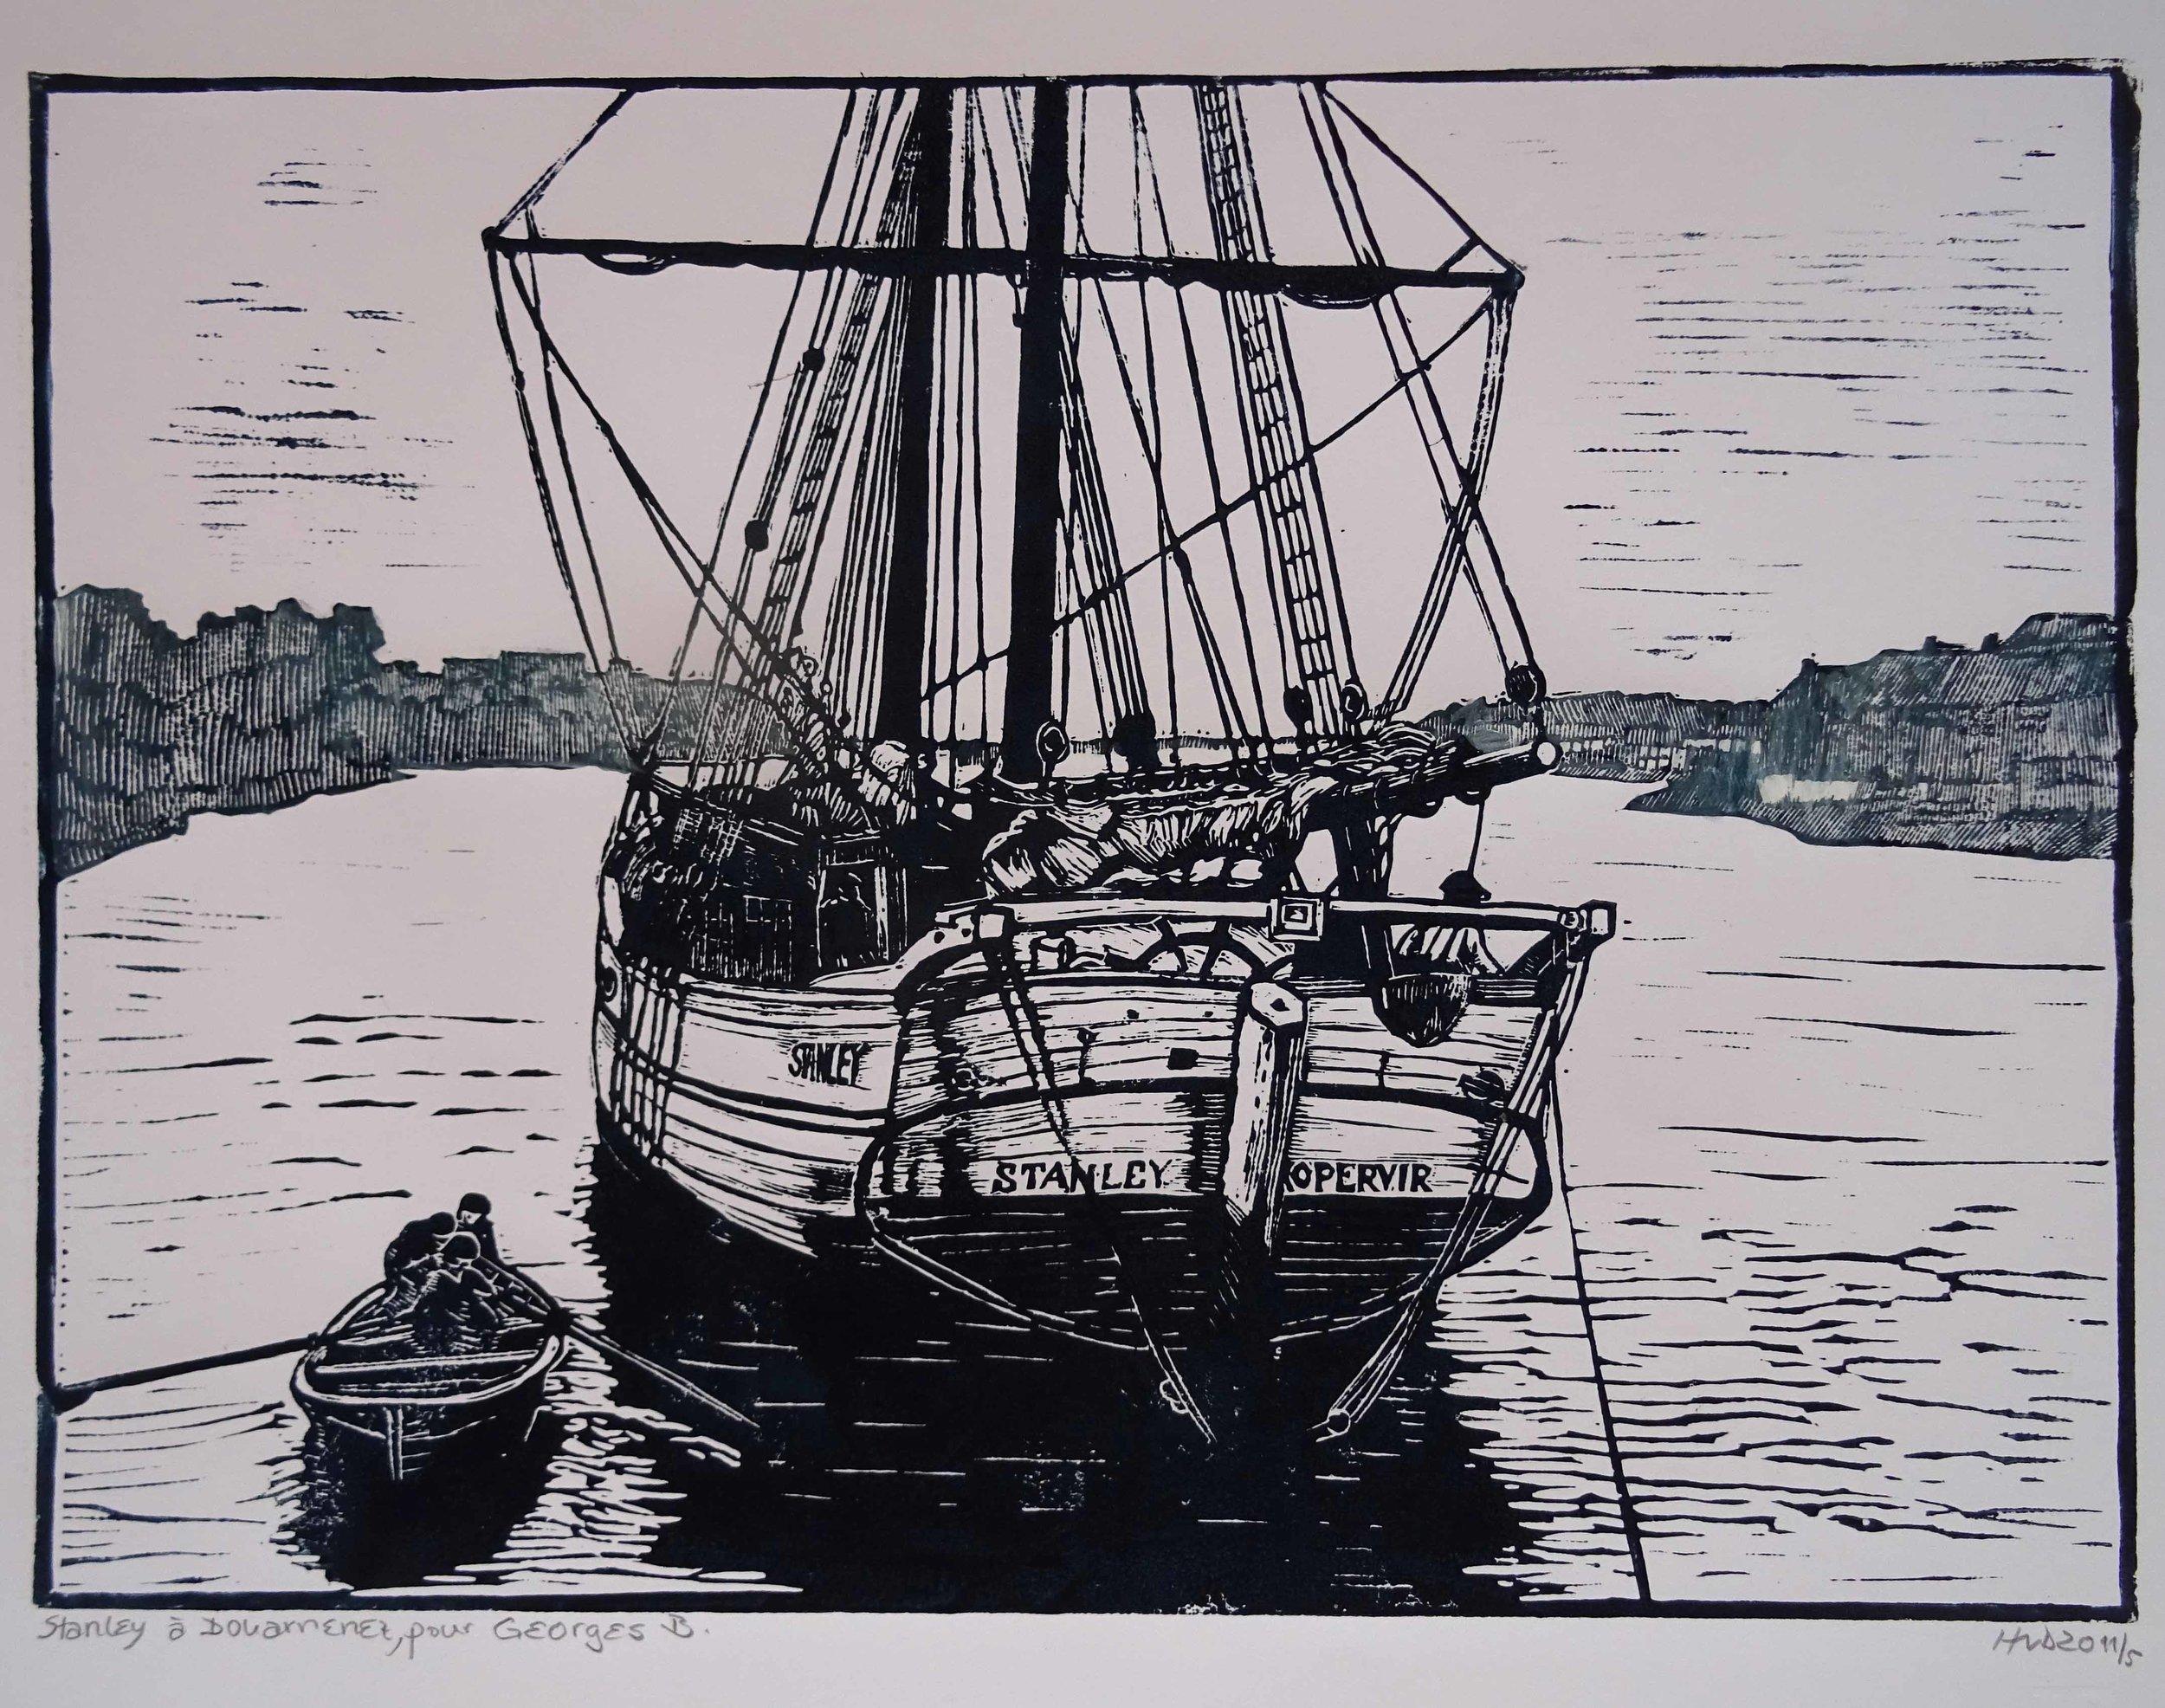 95 - Stanley à Douarnenez, lino 30x42 cm, 80 €